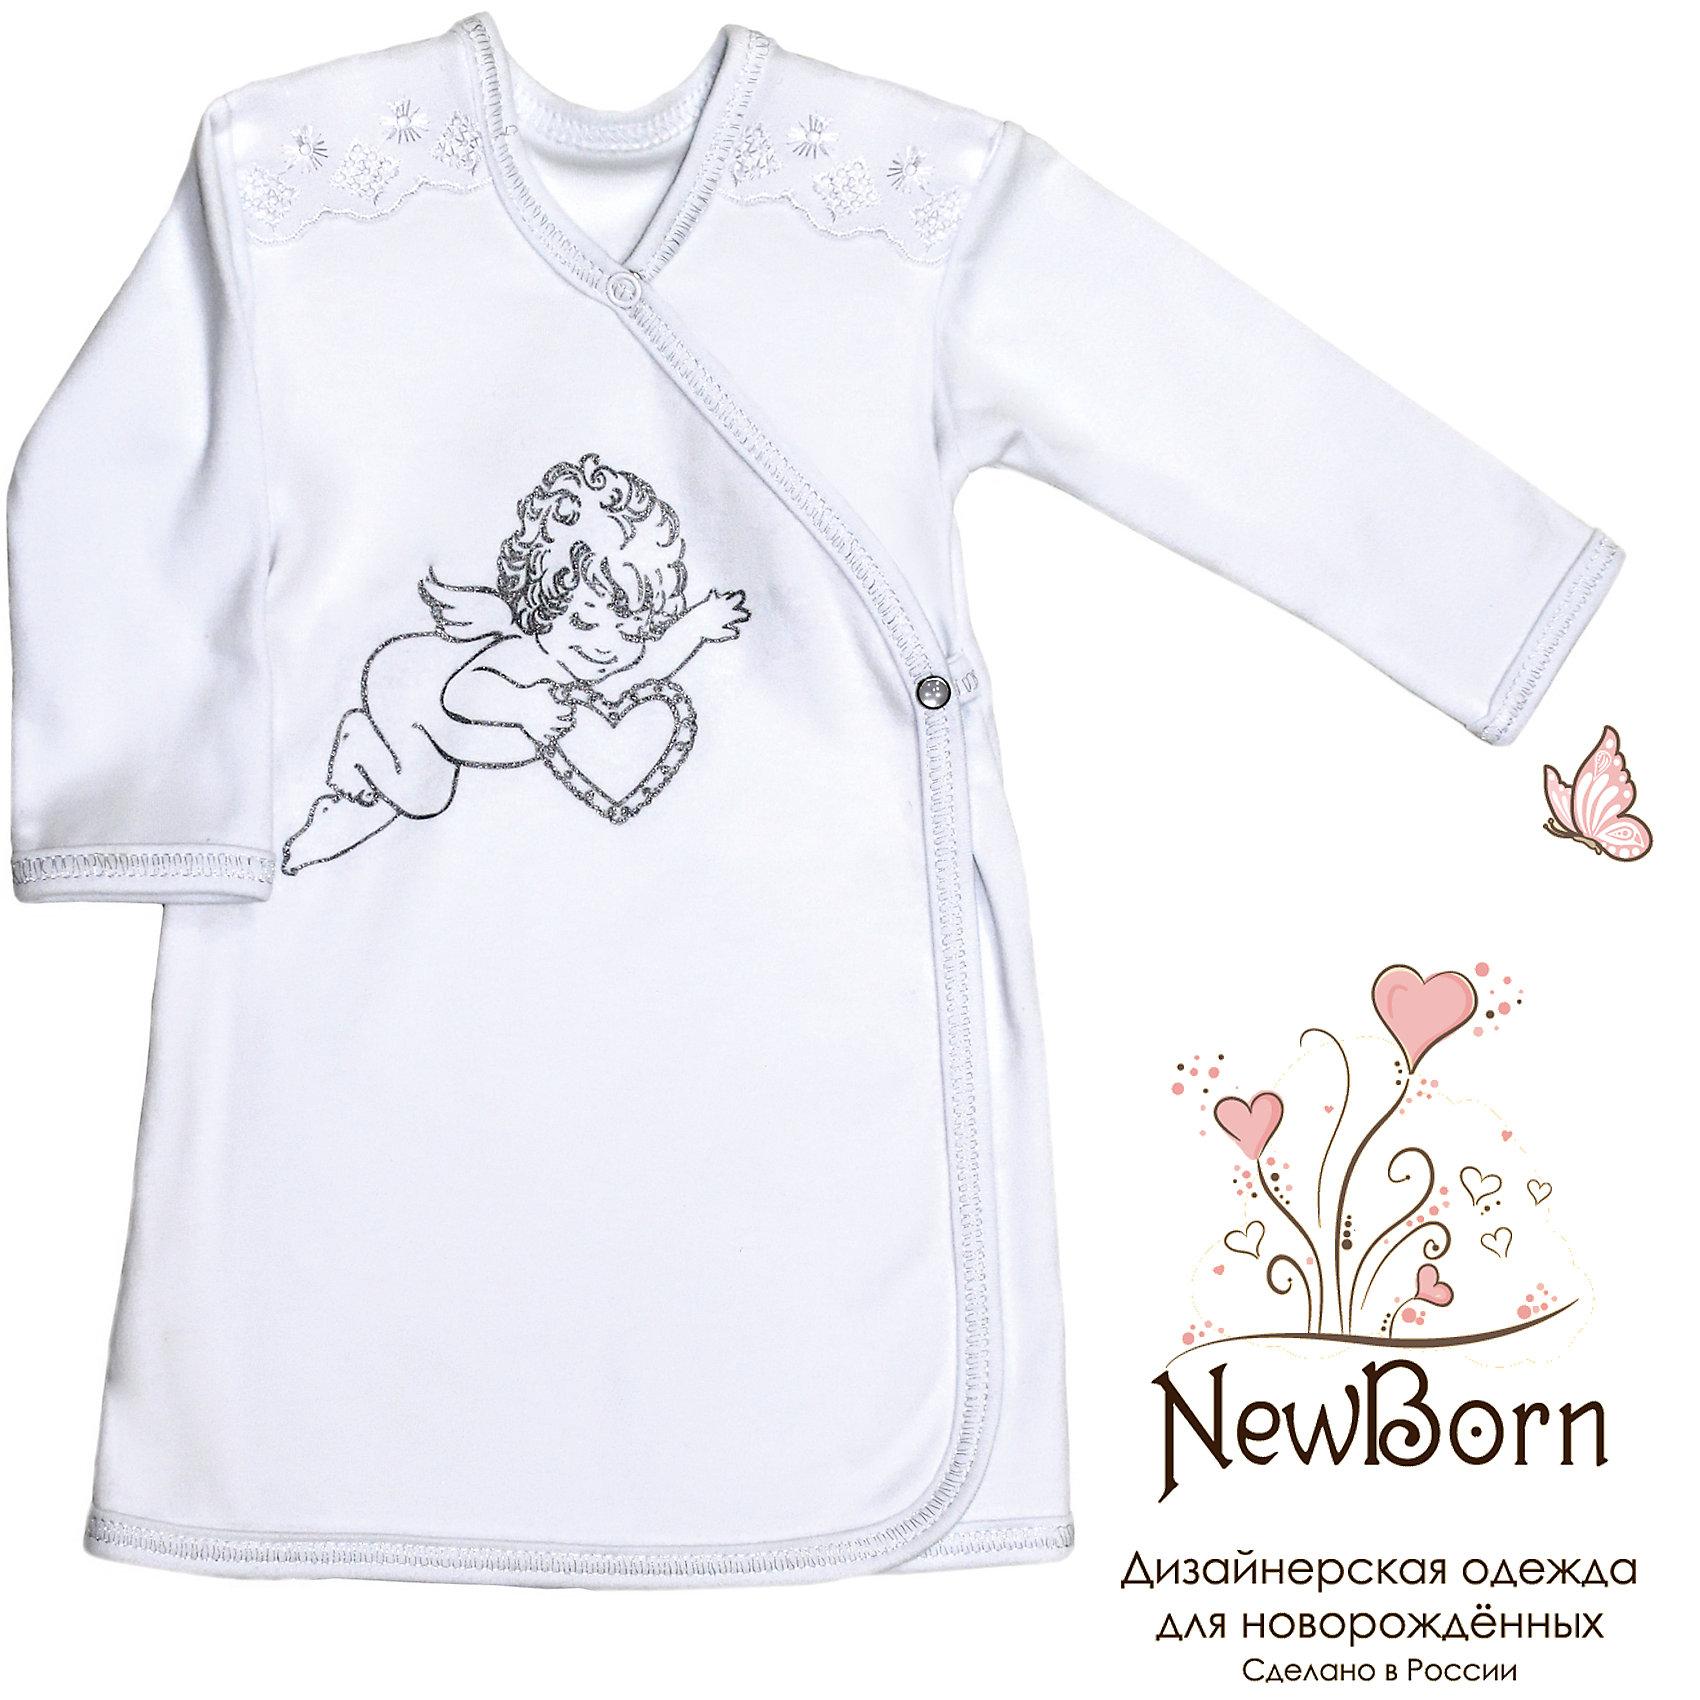 Крестильная рубашка с шитьем, р-р 86,  NewBorn, белыйХарактеристики:<br><br>• Вид детской одежды: рубашка с запахом<br>• Предназначение: для крещения<br>• Коллекция: NewBorn<br>• Сезон: круглый год<br>• Пол: для мальчика<br>• Тематика рисунка: ангелы<br>• Размер: 86<br>• Цвет: белый<br>• Материал: трикотаж, хлопок<br>• Длина рукава: длинные<br>• Запах: спереди<br>• Застежка: спереди на кнопке<br>• Декорирована широкой тесьмой из шитья <br>• Передняя полочка украшена термонаклейкой в виде ангела<br>• Особенности ухода: допускается деликатная стирка без использования красящих и отбеливающих средств<br><br>Крестильная рубашка с шитьем, р-р 86, NewBorn, белый из коллекции NewBorn от отечественного швейного производства ТексПром предназначена для создания праздничного образа мальчика во время торжественного обряда крещения. Коллекция NewBorn сочетает в себе классические и современные тенденции в мире моды для новорожденных, при этом сохраняются самые лучшие традиции при технологии изготовления детской одежды: свободный крой, внешние швы и натуральные ткани.  Рубашка с длинными рукавами выполнена из трикотажа, все края которой обработаны трикотажной бейкой. Изделие имеет передний запах с застежкой на кнопке, что обеспечивает его легкое одевание . Праздничный образ создается за счет отделки из широкого шитья на плечиках и термонаклейки на передней полочке в виде ангела. <br><br>Крестильную рубашку с шитьем, р-р 86, NewBorn, белый можно купить в нашем интернет-магазине.<br><br>Ширина мм: 220<br>Глубина мм: 5<br>Высота мм: 400<br>Вес г: 200<br>Возраст от месяцев: 12<br>Возраст до месяцев: 18<br>Пол: Мужской<br>Возраст: Детский<br>SKU: 4912528